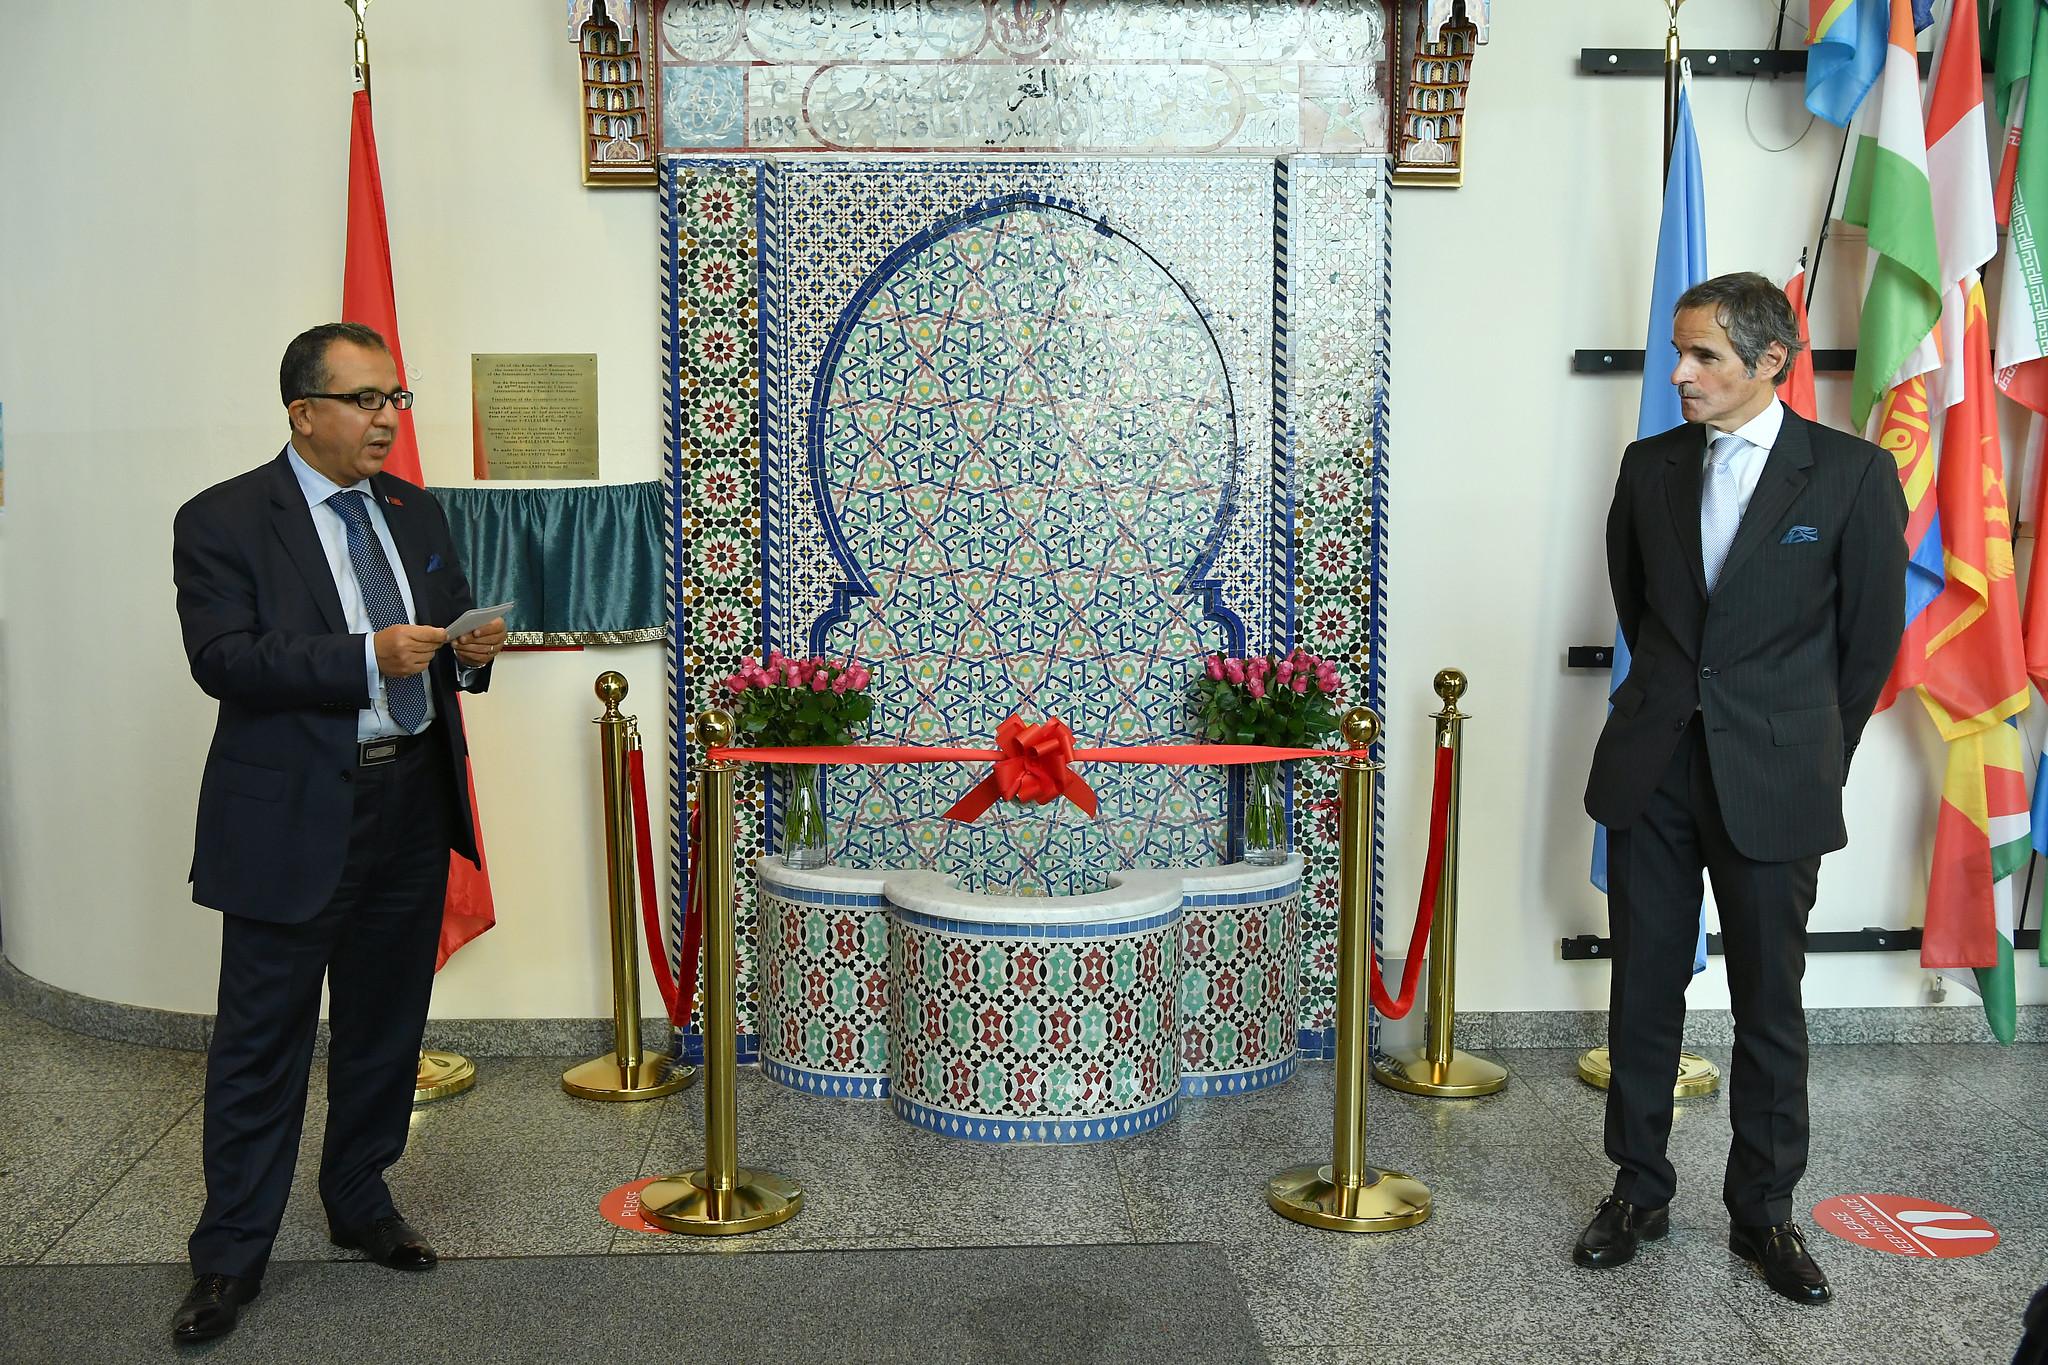 Le Maroc inaugure une fontaine de zellige restaurée au siège de l'AIEA